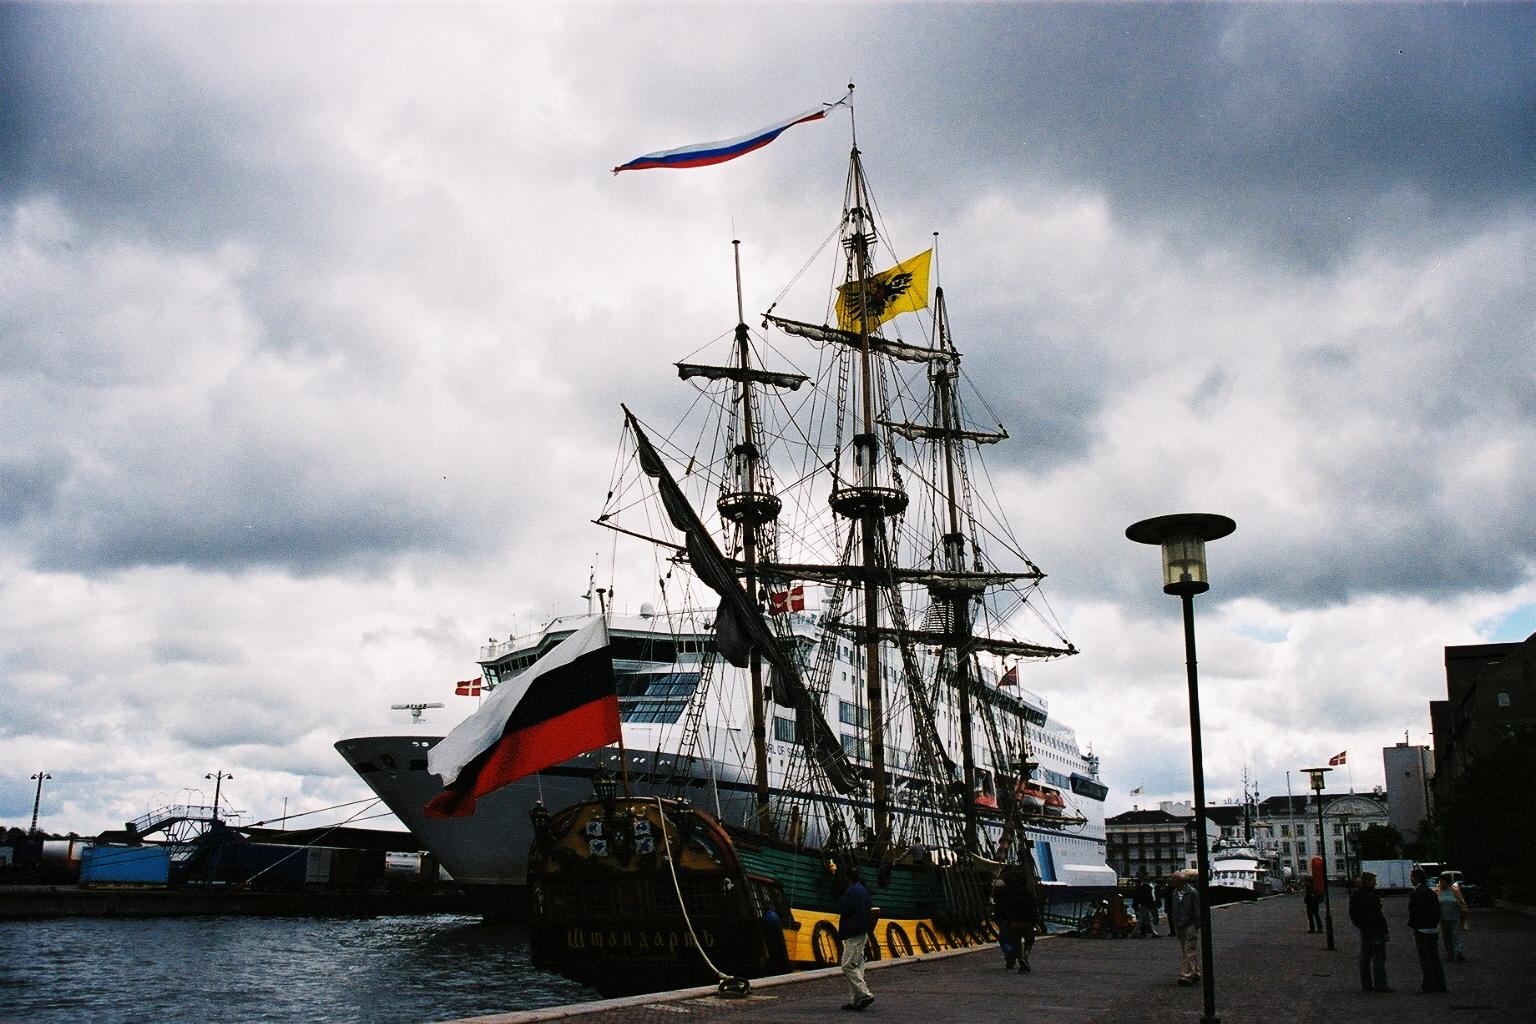 Danemark, Port de Copenhague, navires